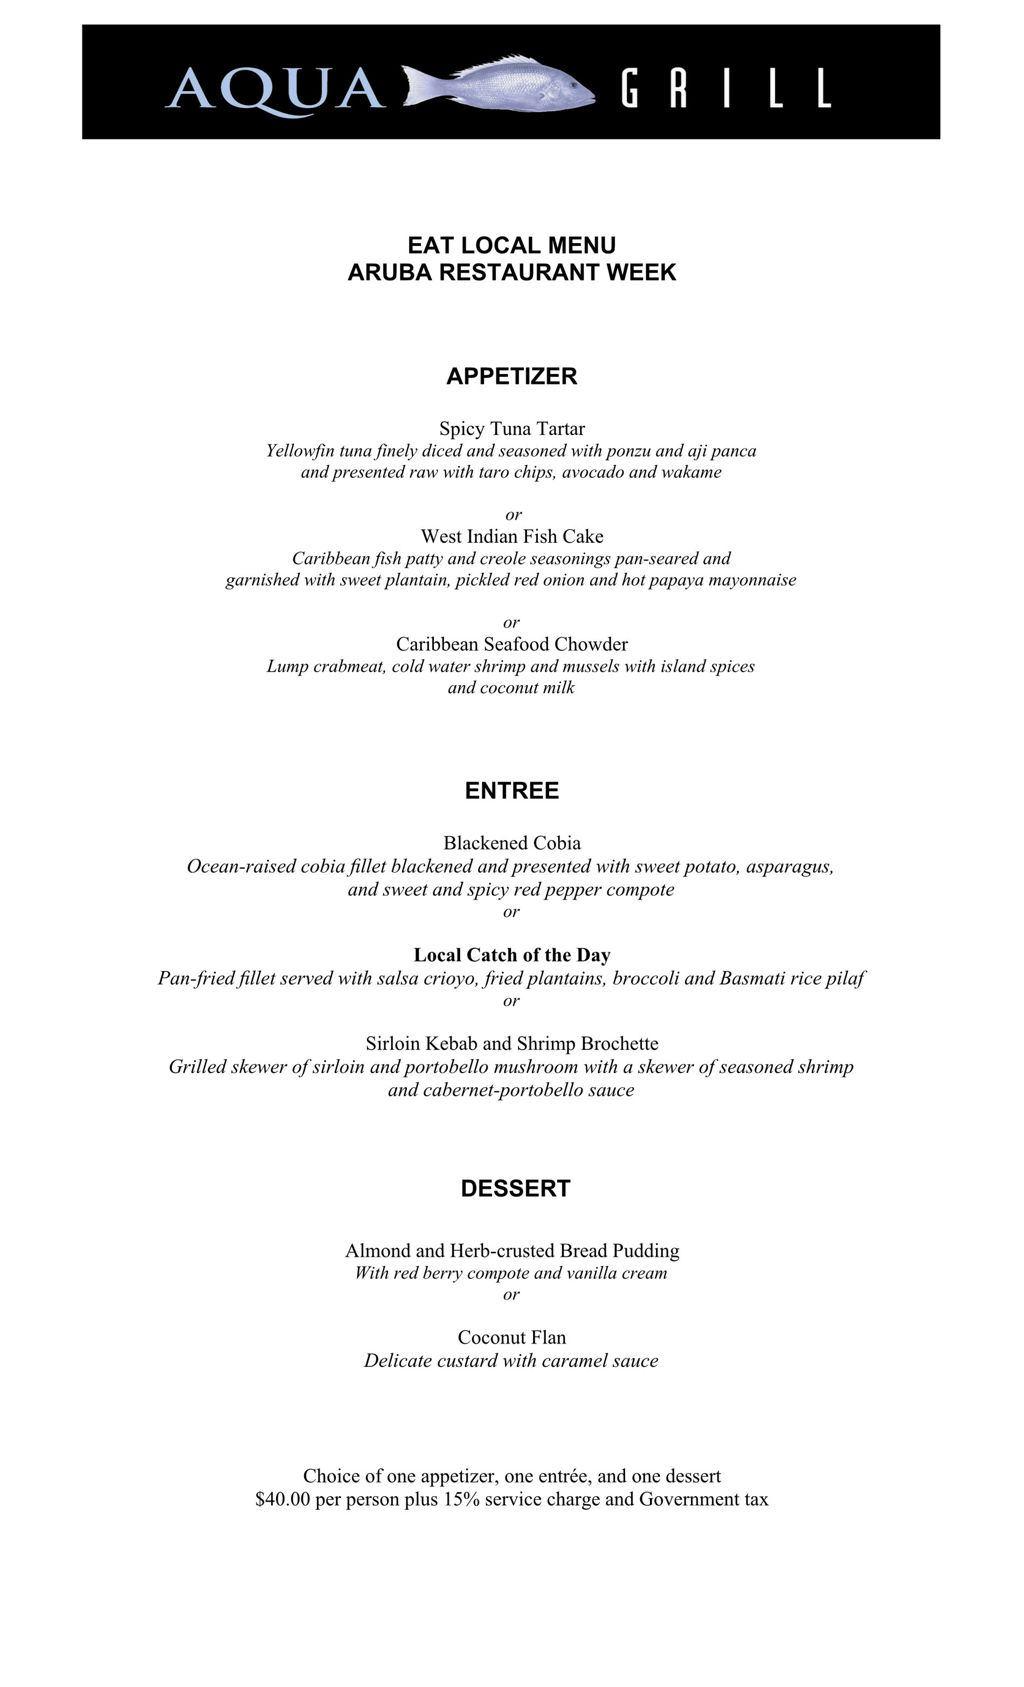 Aqua Grill Restaurant - Eat Local 2018